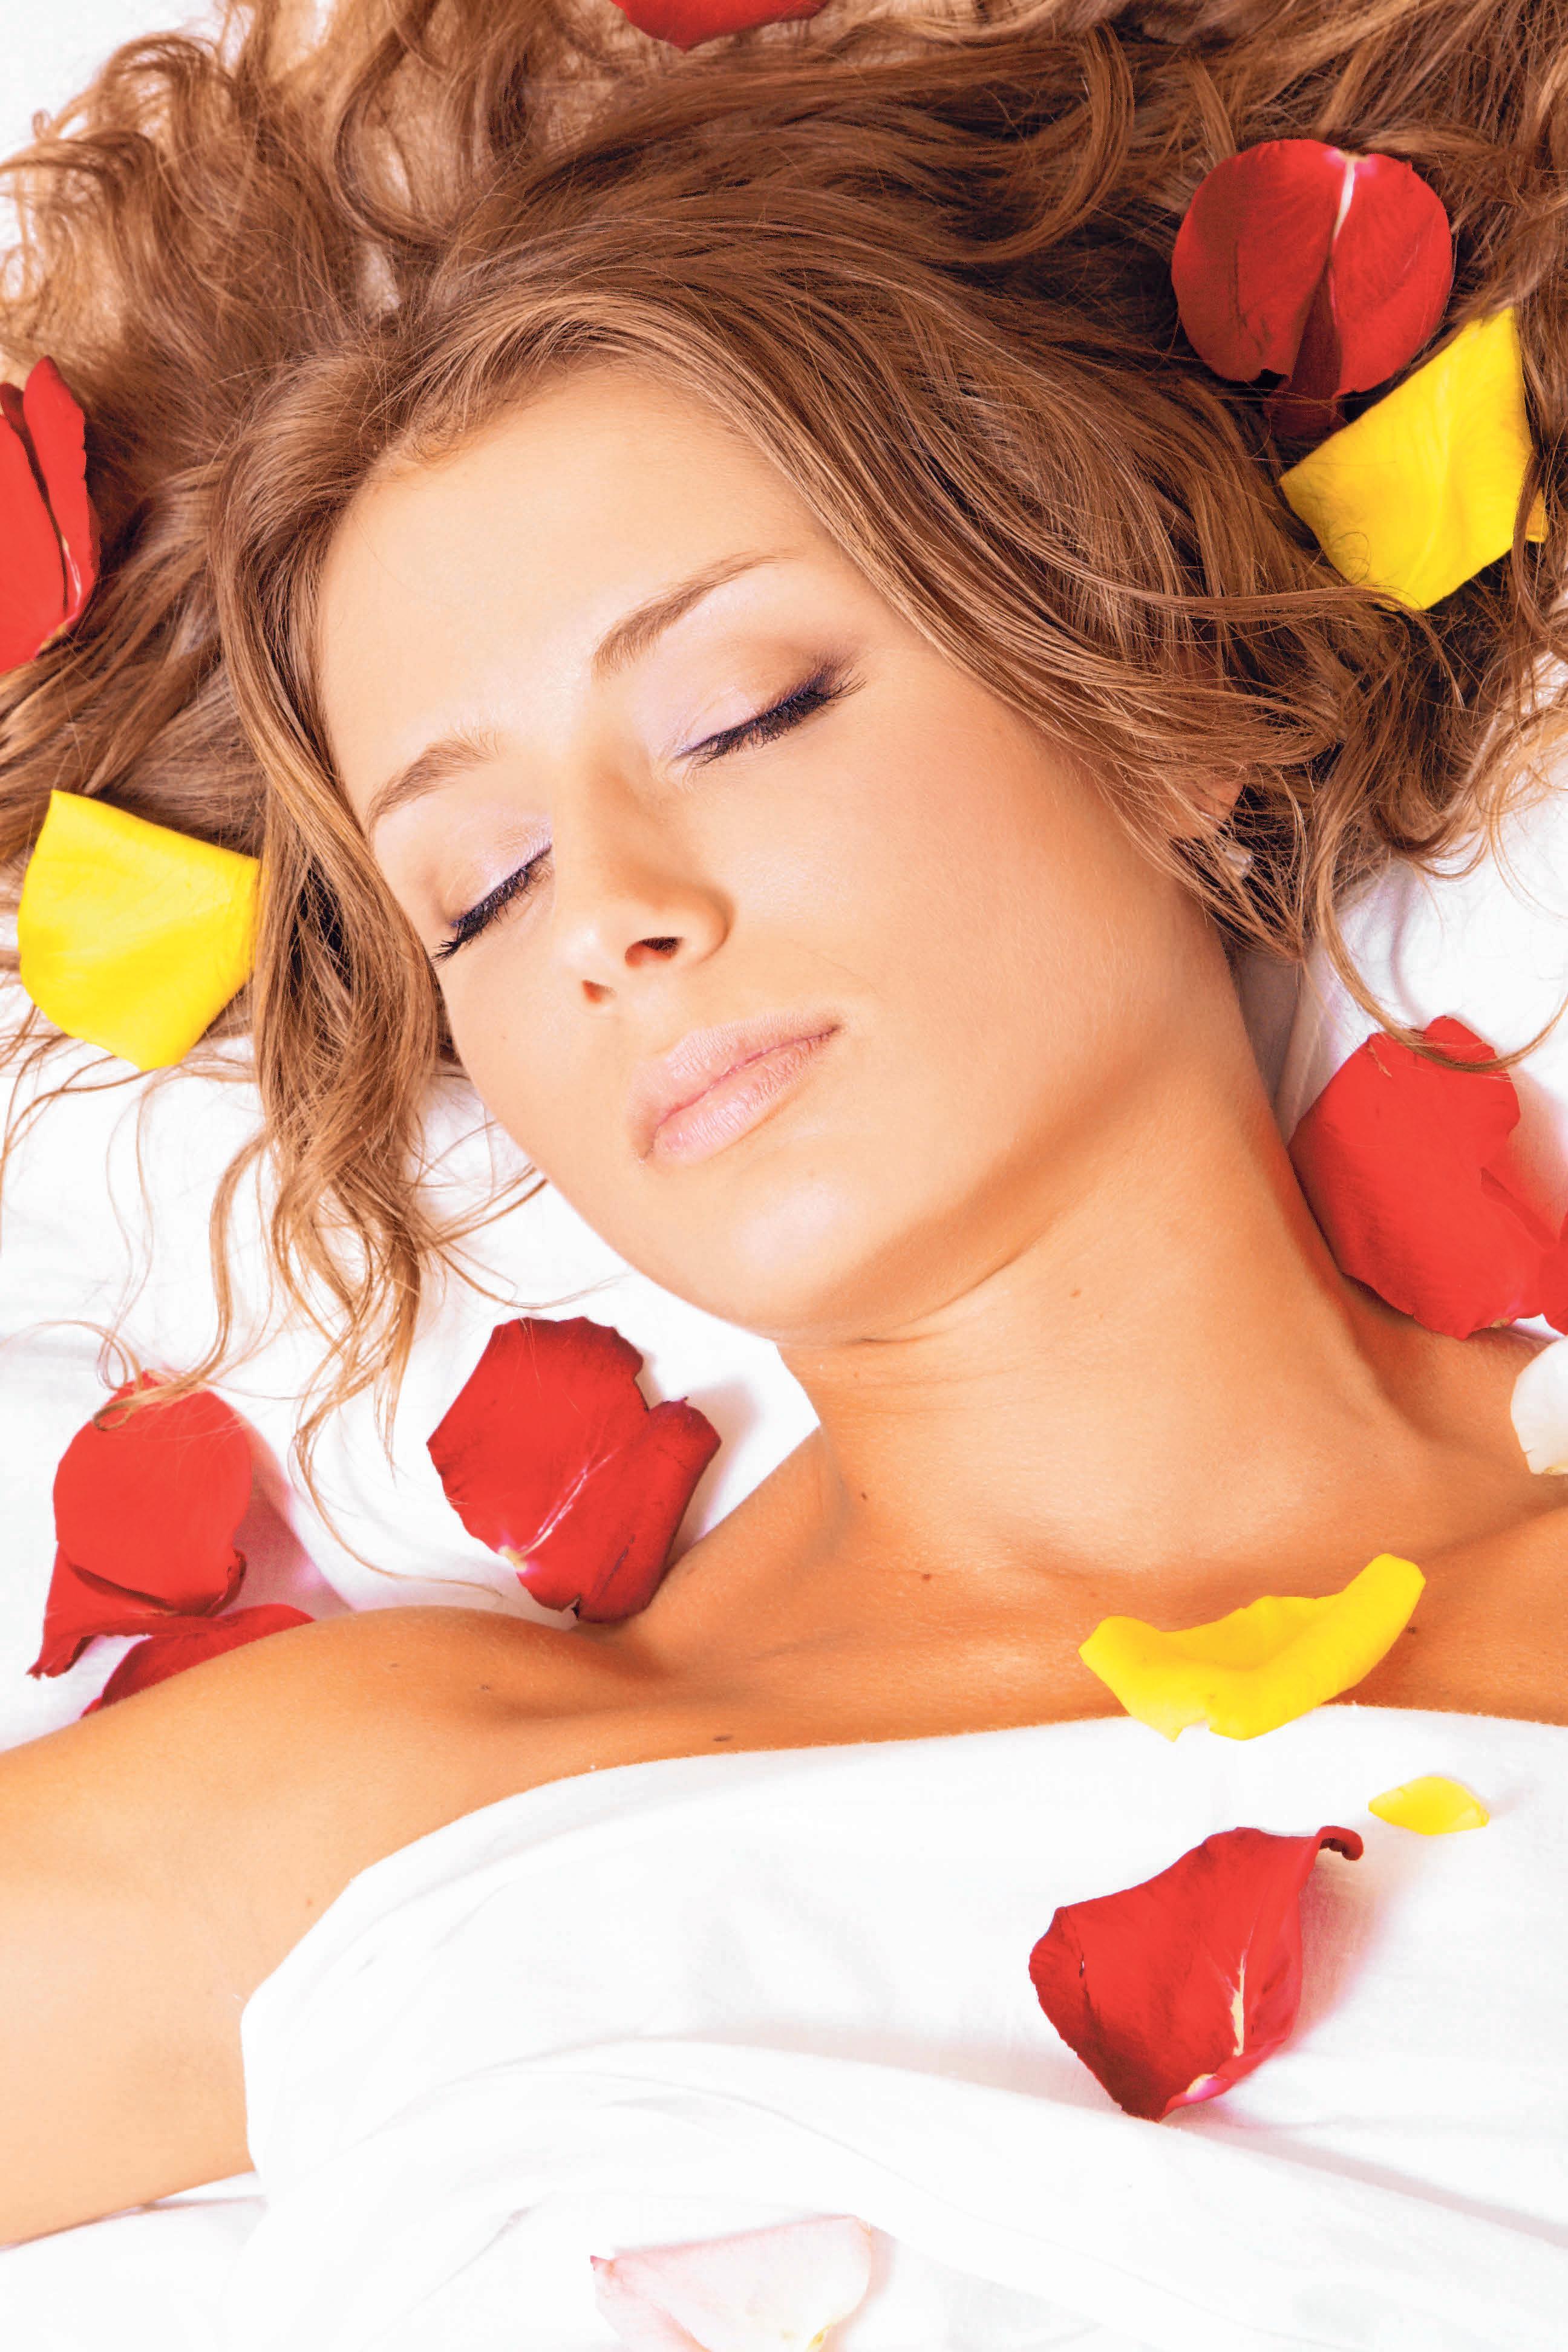 Gesunder Schlaf ist wichtig für die Lebensqualität. FOTO: COLOURBOX